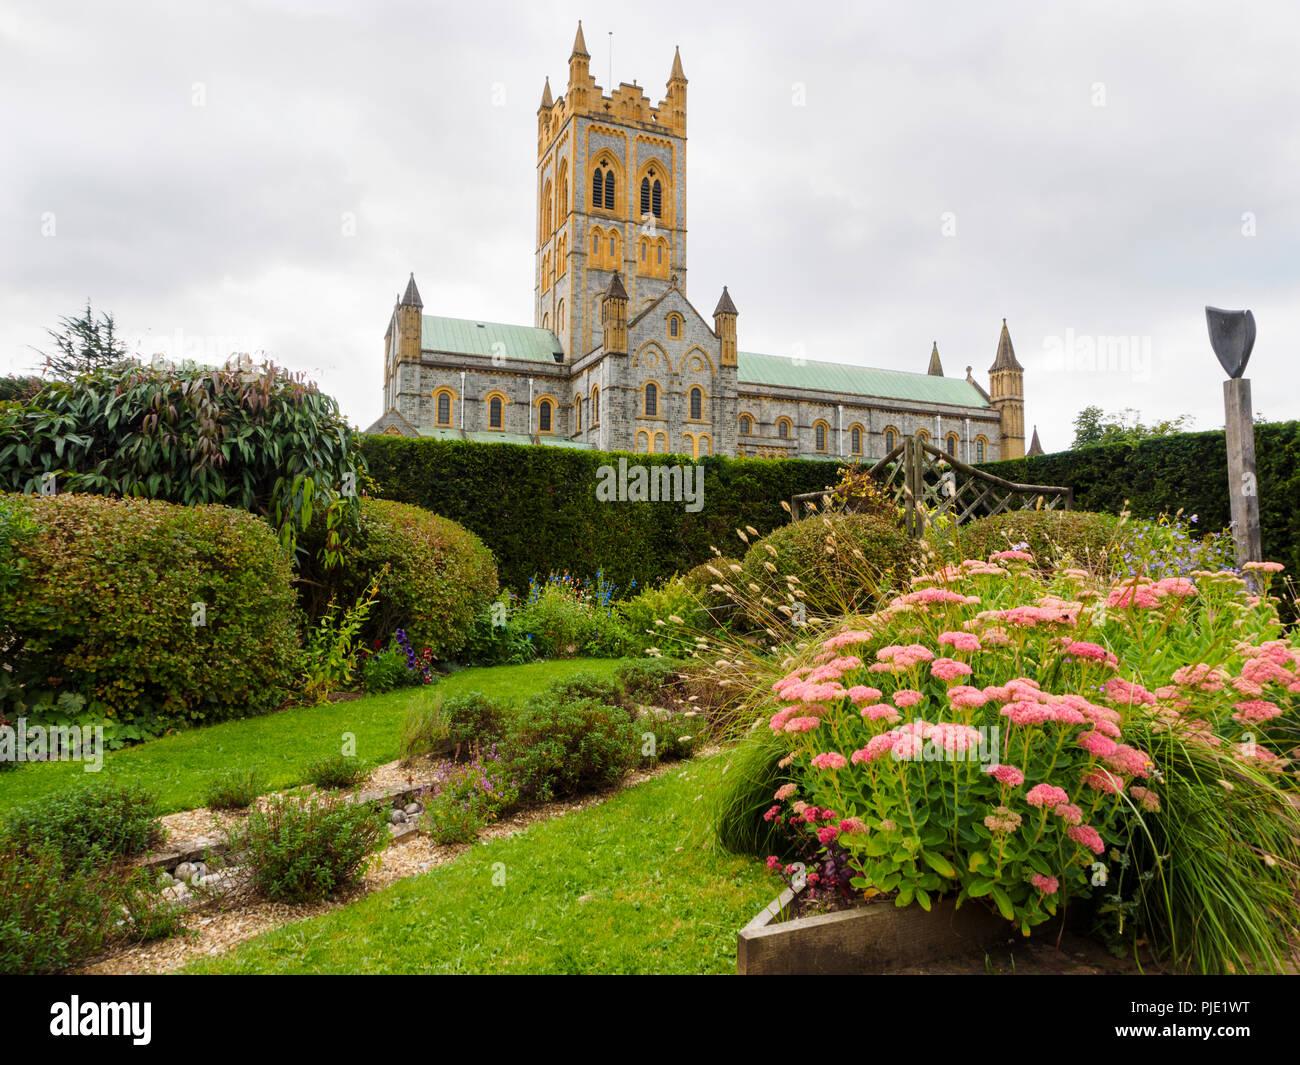 Abbaye de Buckfast bénédictin du côté de l'église vue depuis le jardin sensoriel Photo Stock